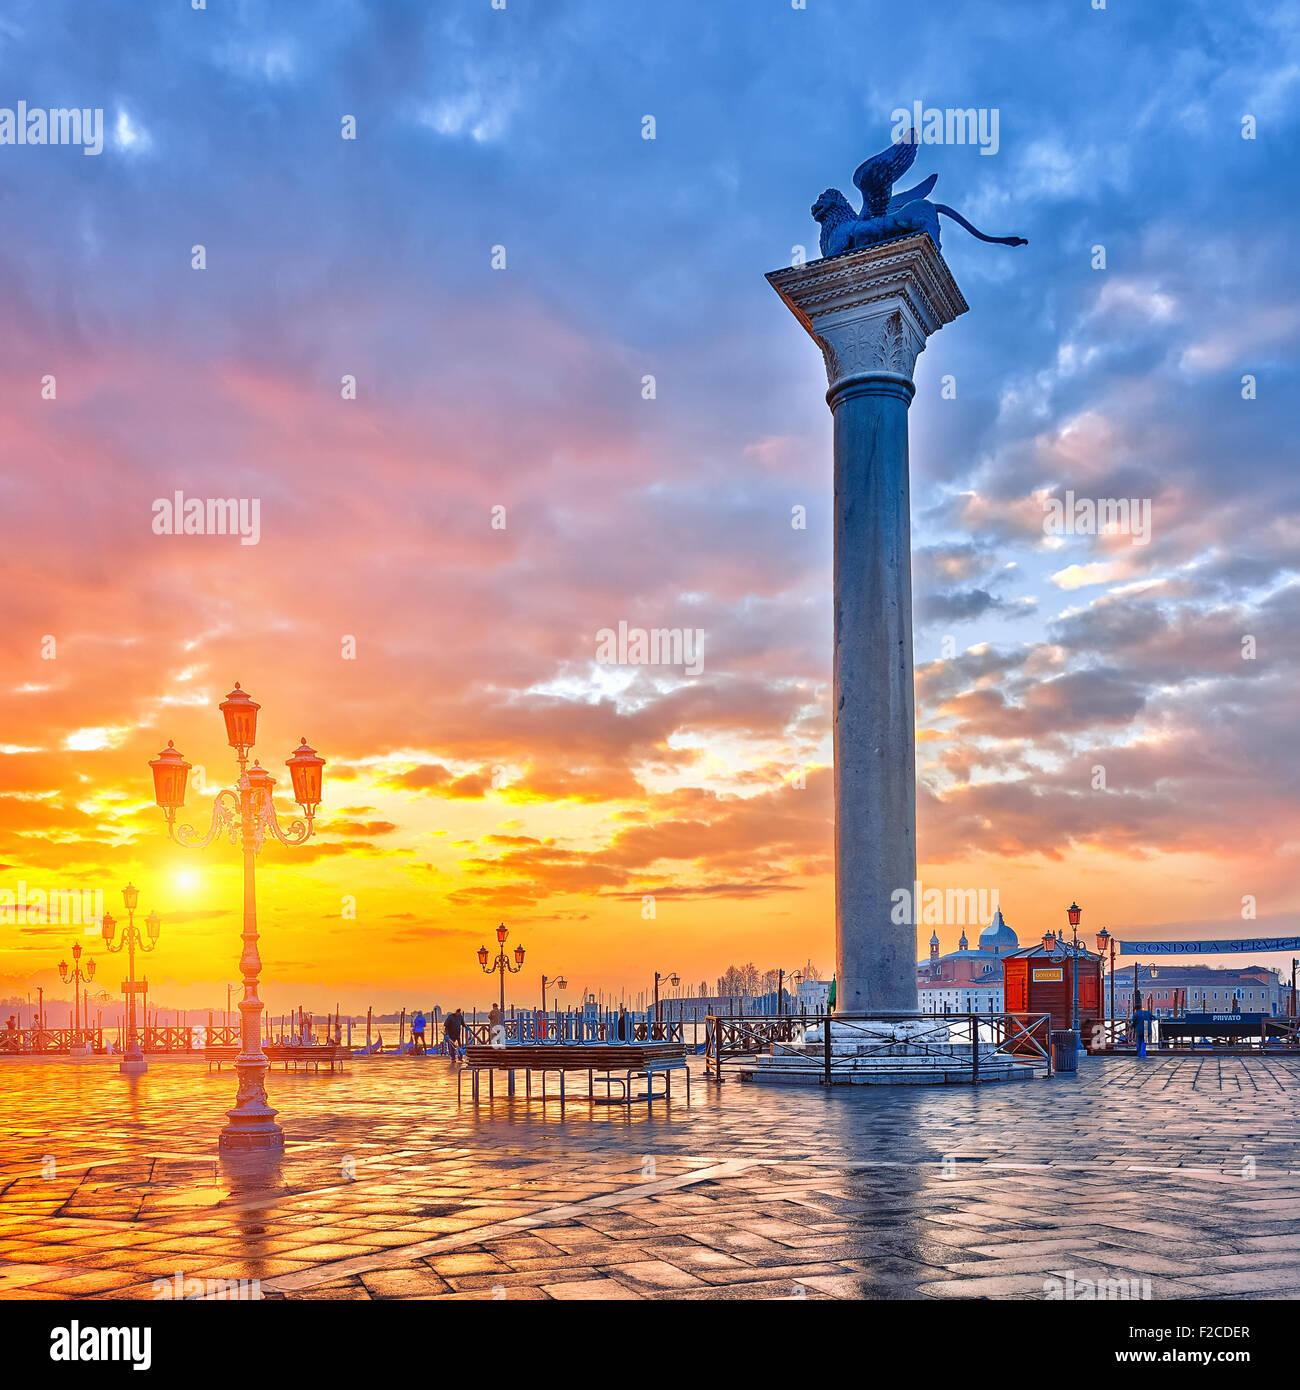 Amanecer en Venecia. Imagen De Stock